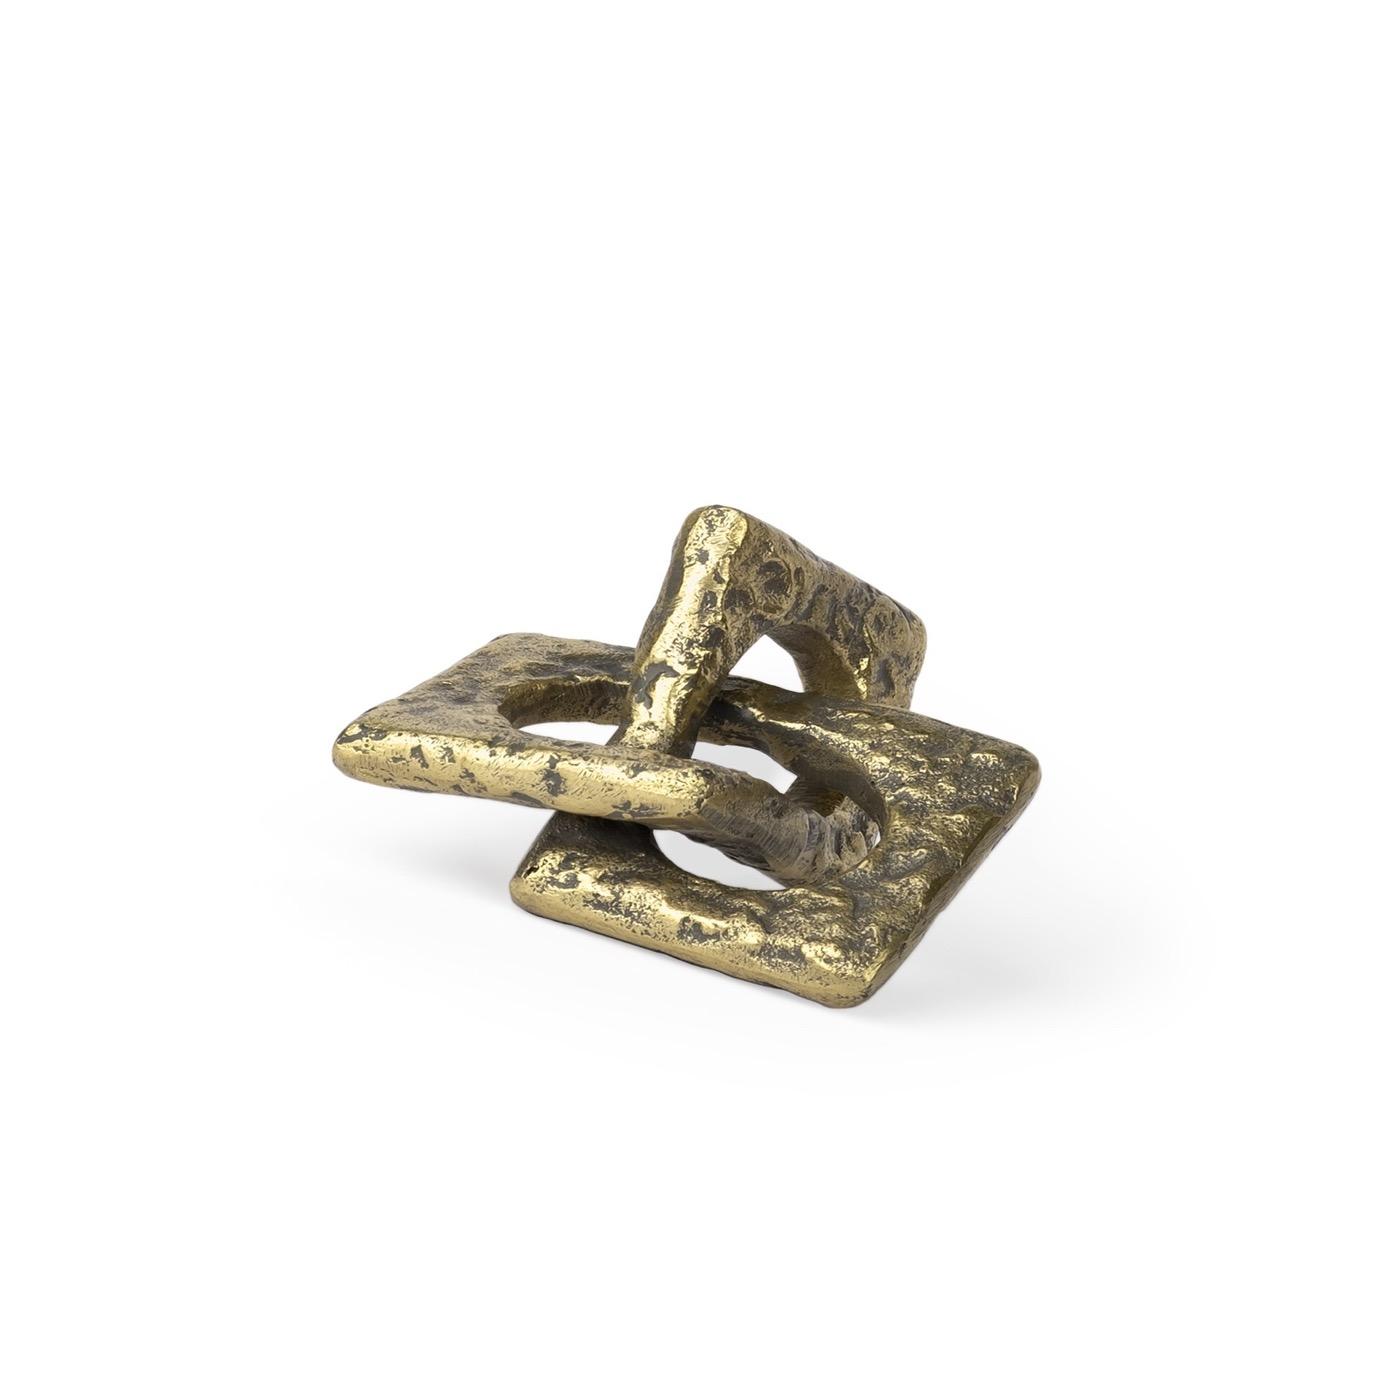 Rudina Small Gold Sculpture